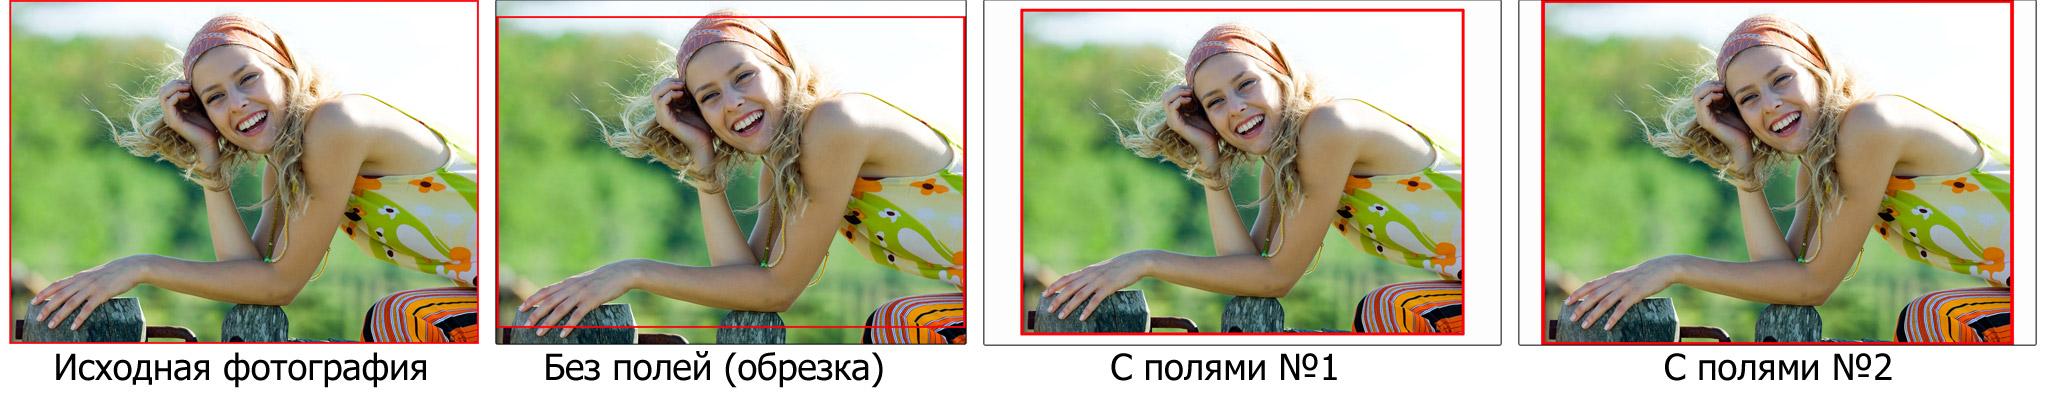 цвет эффект фотографии при печати камера сгорания которых